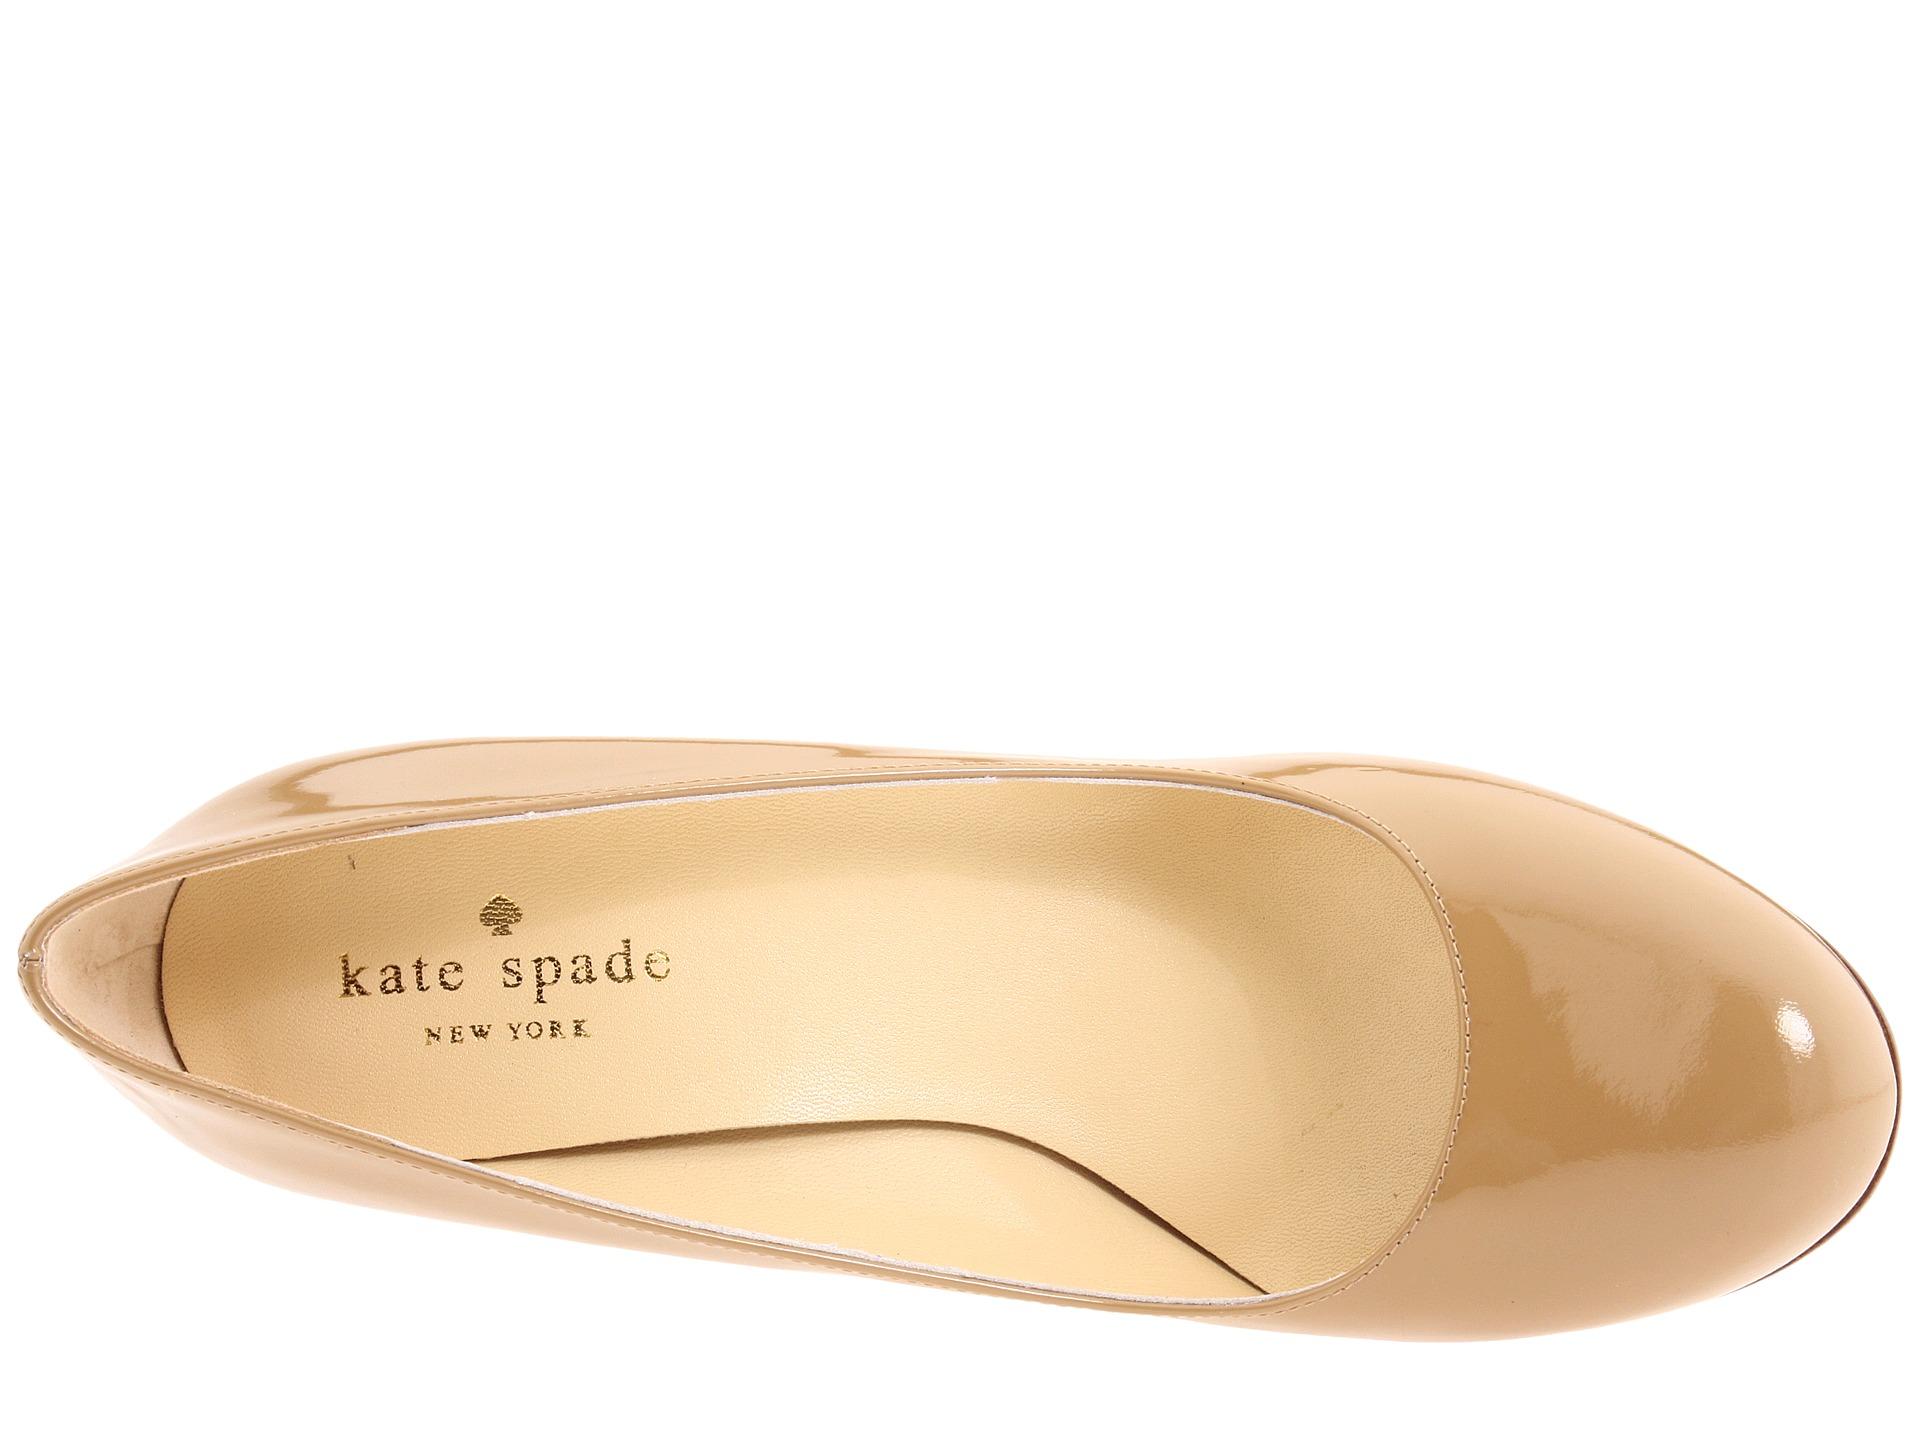 Kate Spade New York Karolina - Zappos Luxury